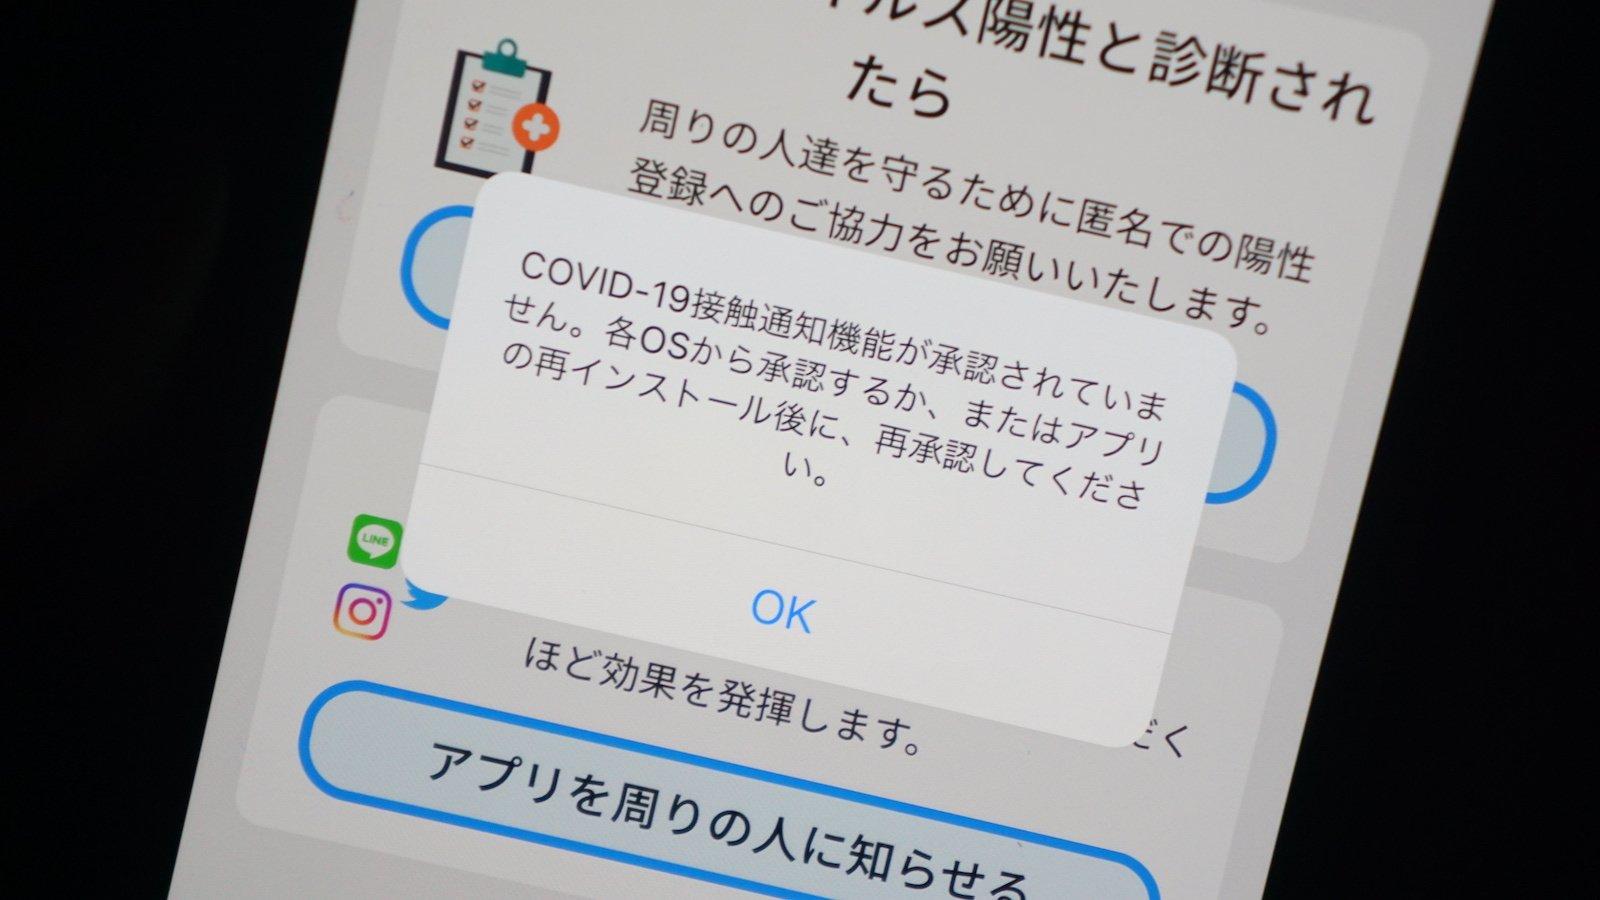 新型コロナアプリ、機種変更などiPhoneのデータ移行で機能無効に。オンにする方法